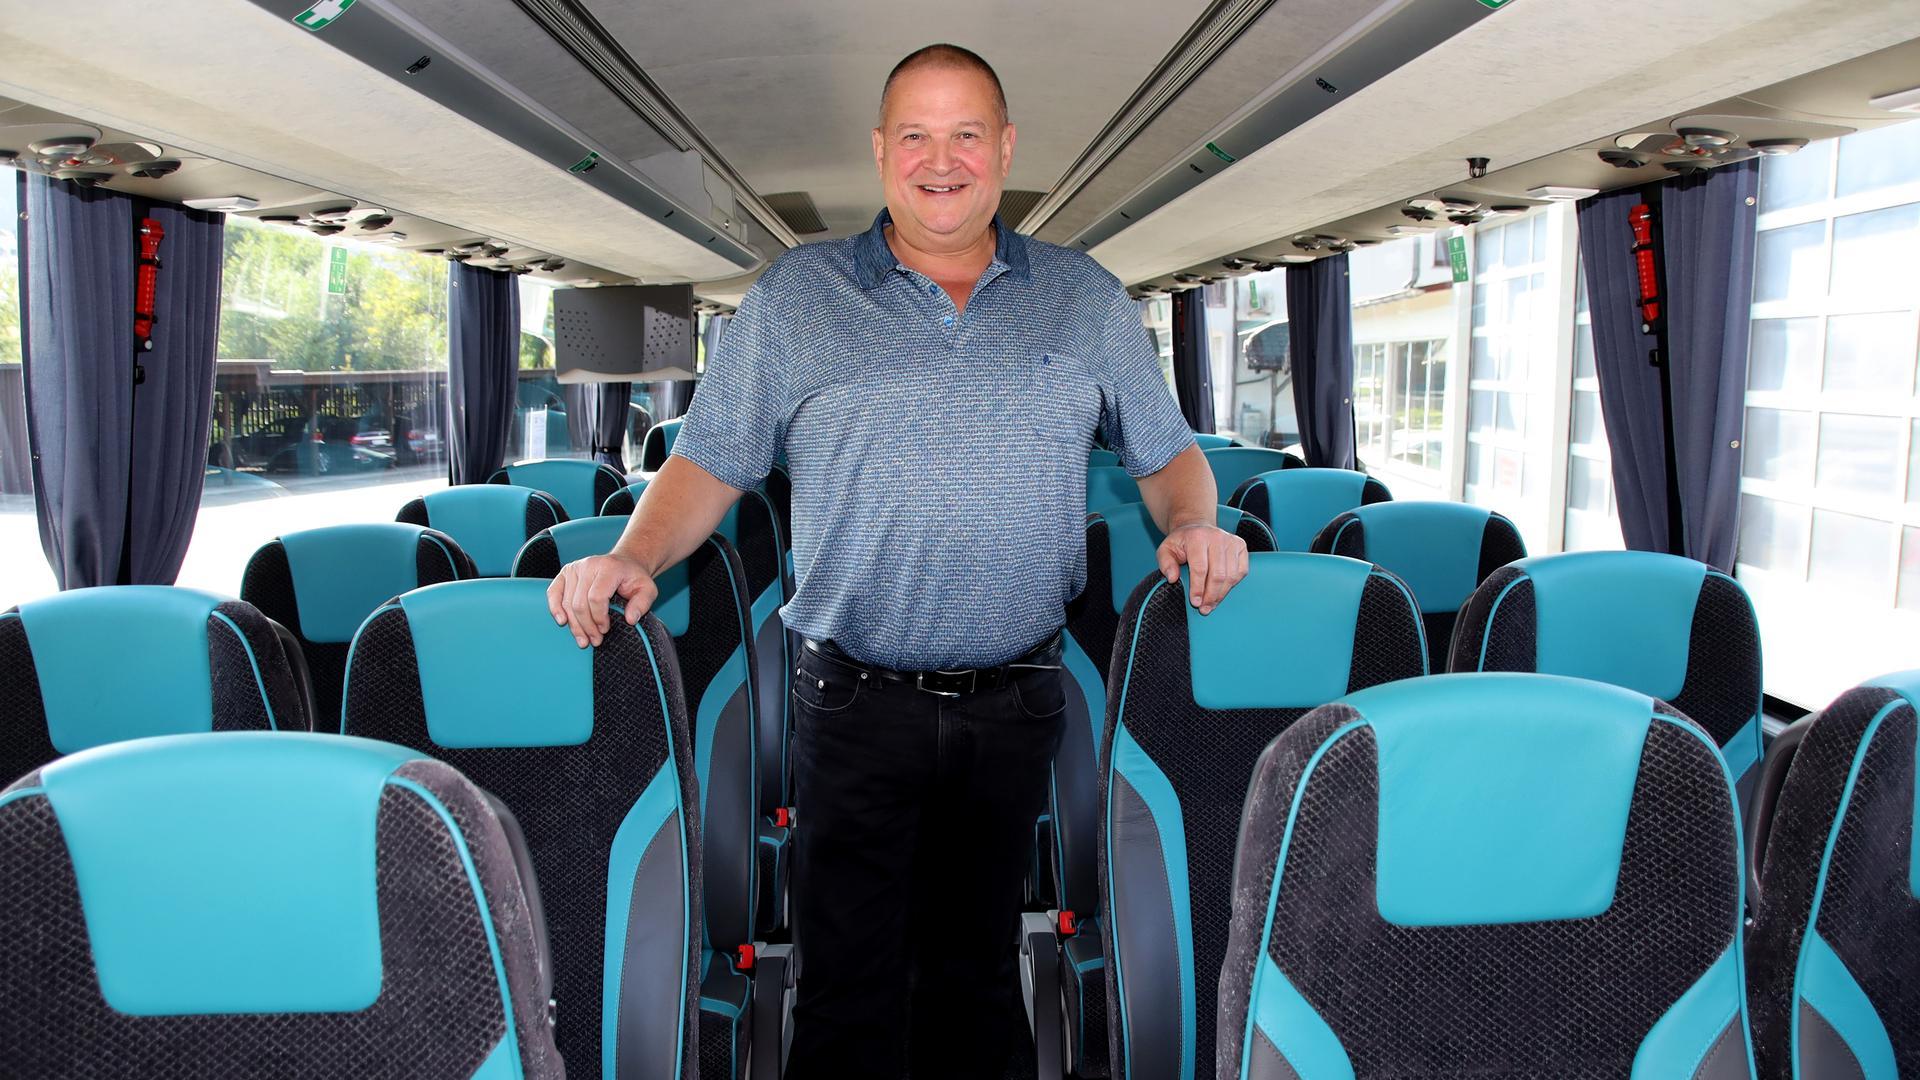 Die Busunternehmen haben im Sommer mimt ersten touristischen Fahrten wieder begonnen und alle hoffen, dass die Rettungsschirme die Busse wieder auf Touren bringen – hier Thomas Pfeifer von Euro Tours aus Waldulm in einem seiner zehn Busse.